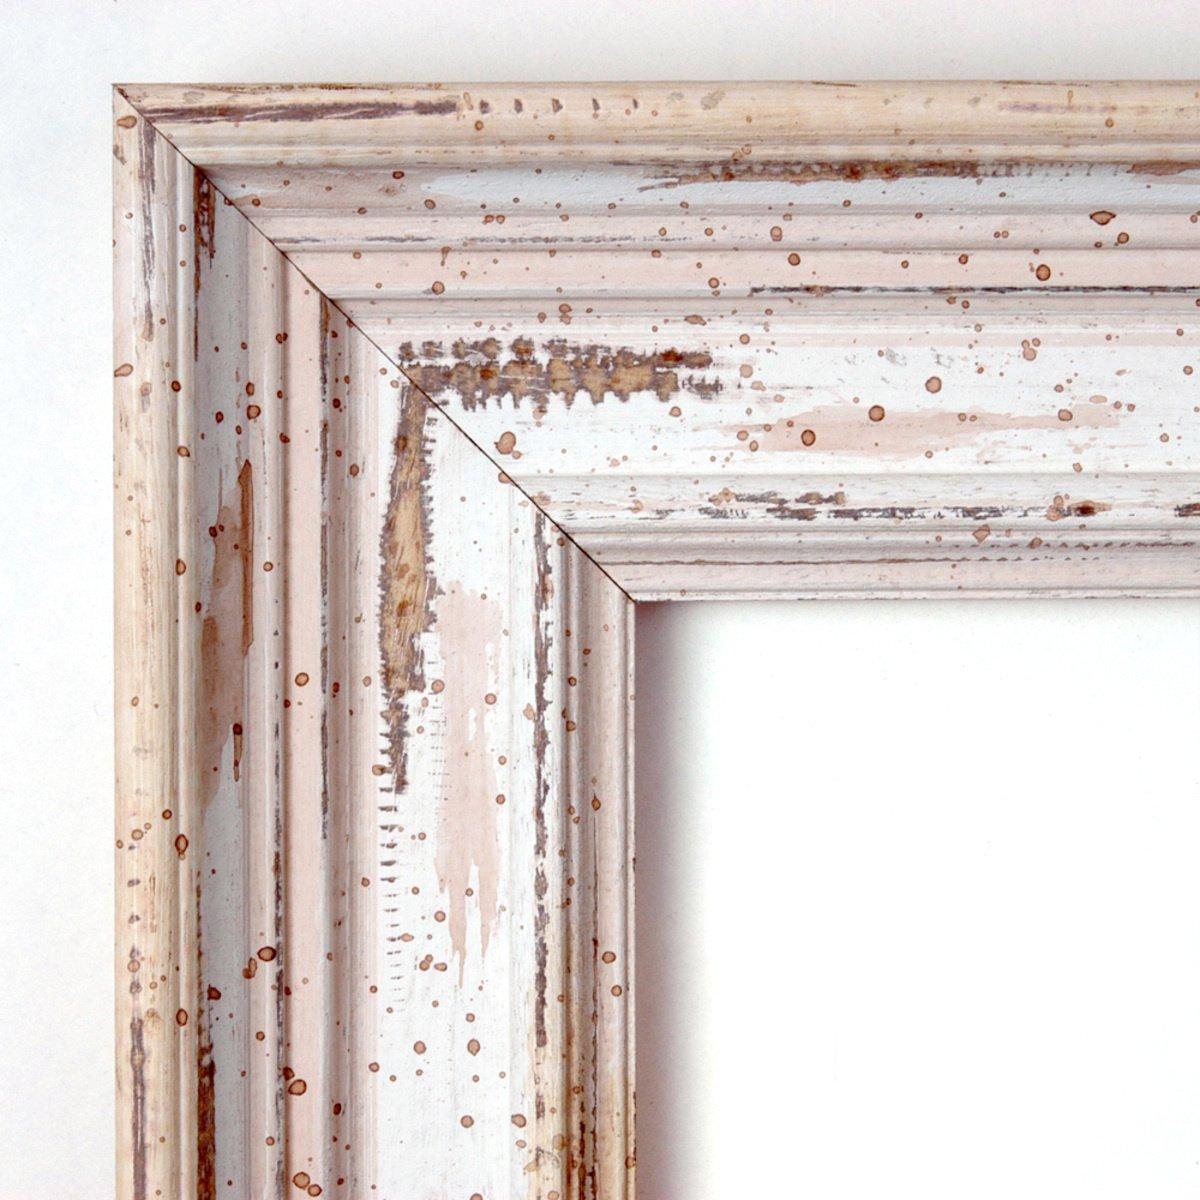 Amazon wall mirror large alexandria white wash wood outer amazon wall mirror large alexandria white wash wood outer size 33 x 27 home kitchen amipublicfo Gallery